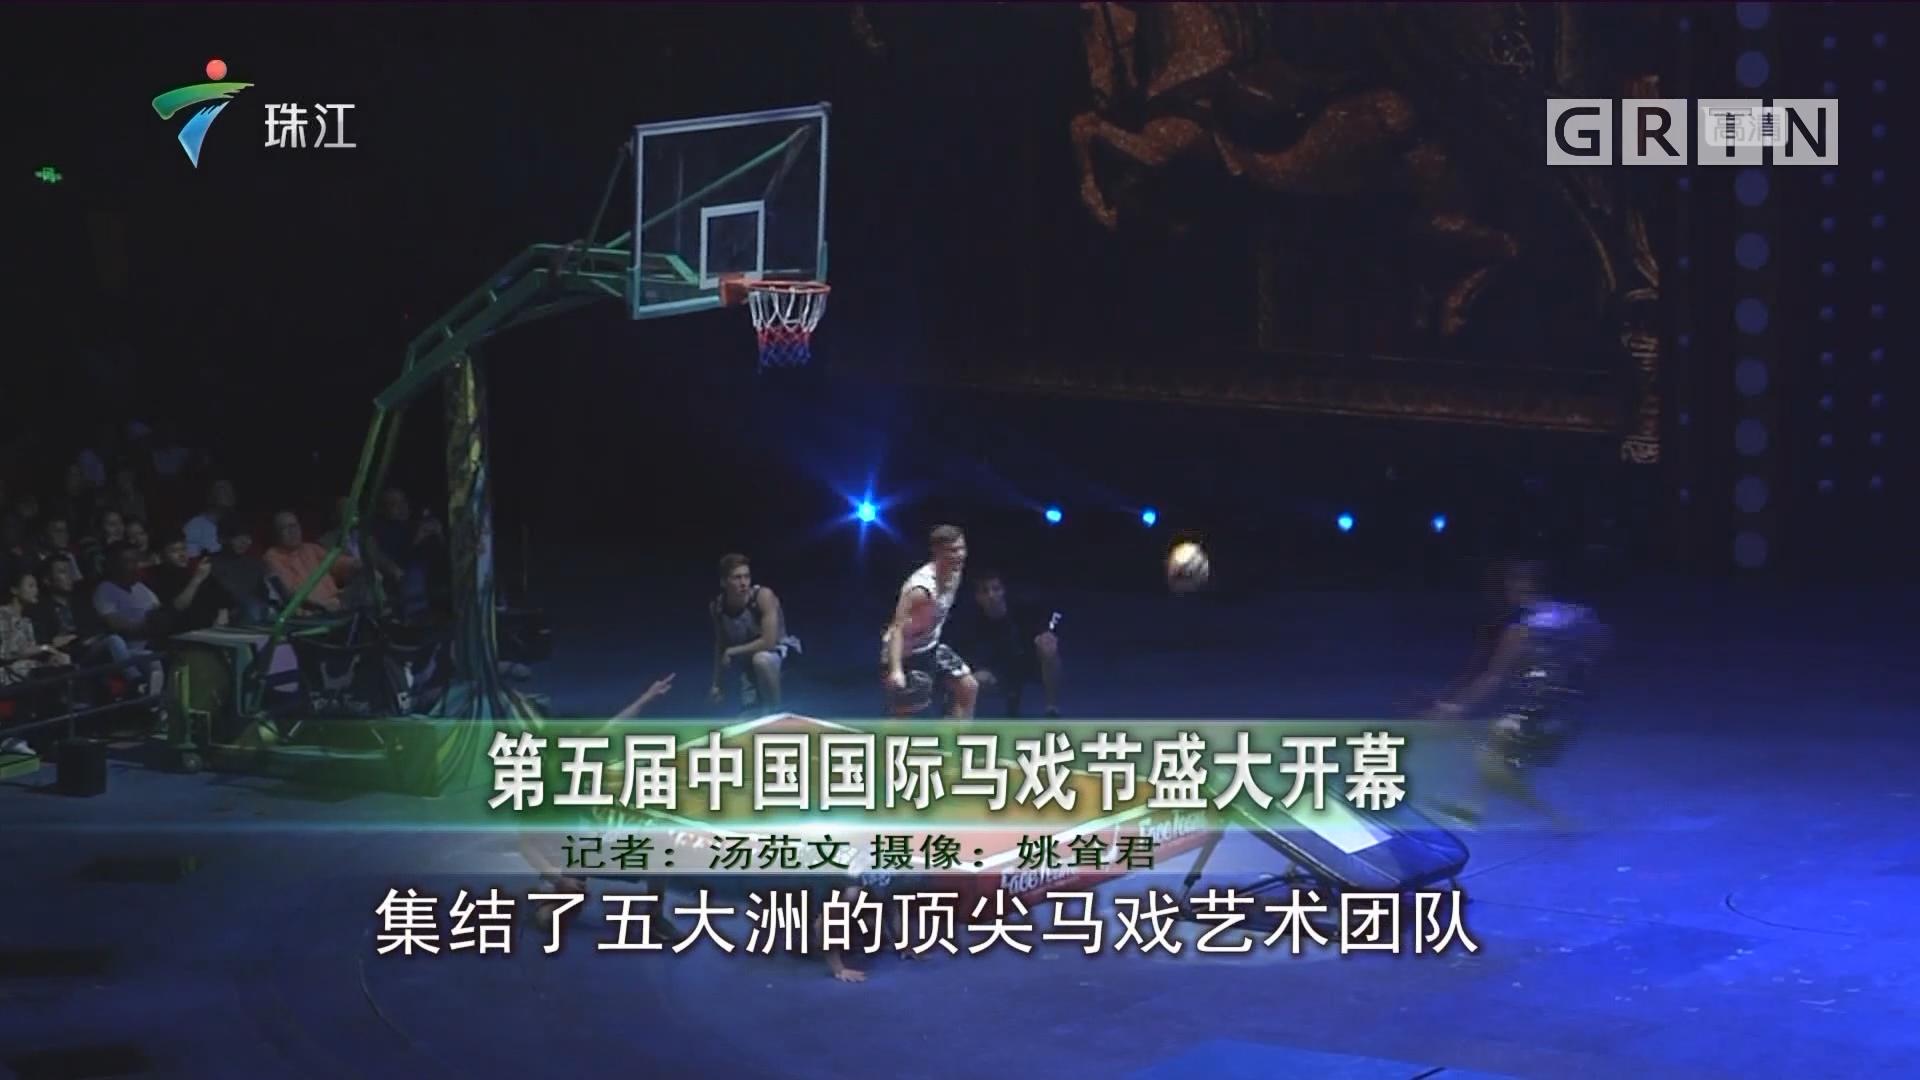 第五届中国国际马戏节盛大开幕